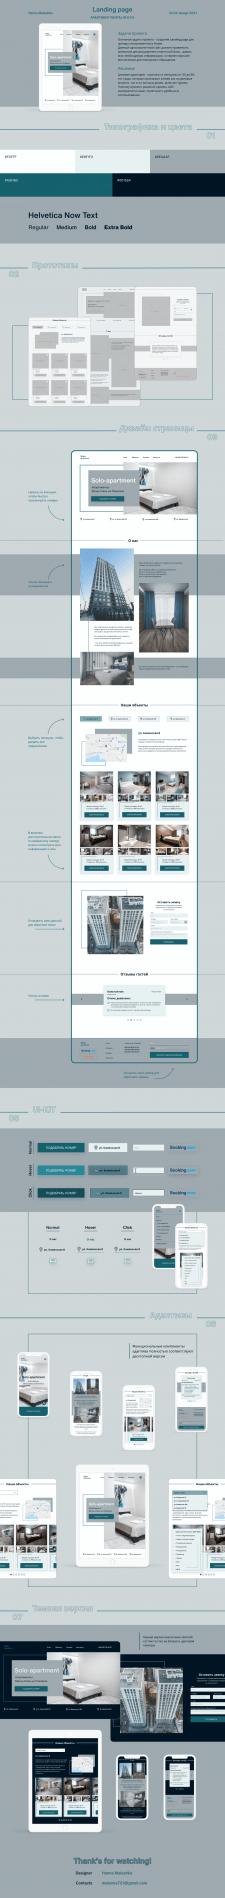 Landing page - Apartment rental